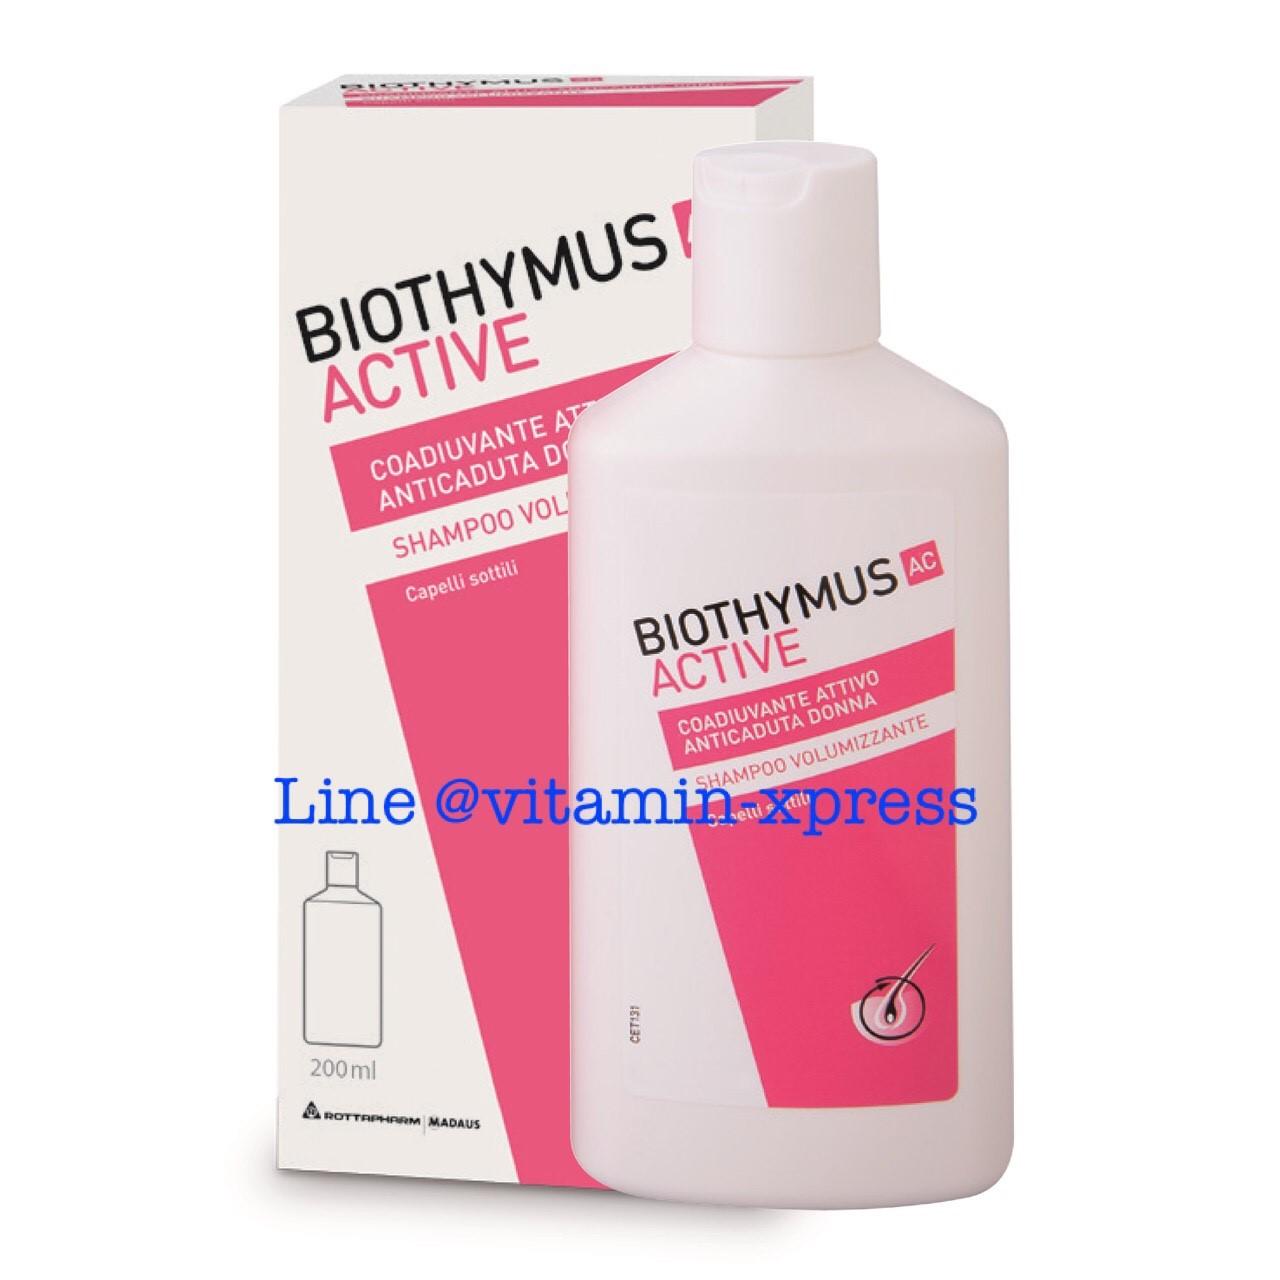 BioThymus AC Active Donna Shampoo Volumizante 200ml สำหรับผู้หญิง ผมมันเล็กลีบขาดหน้ำหนัก